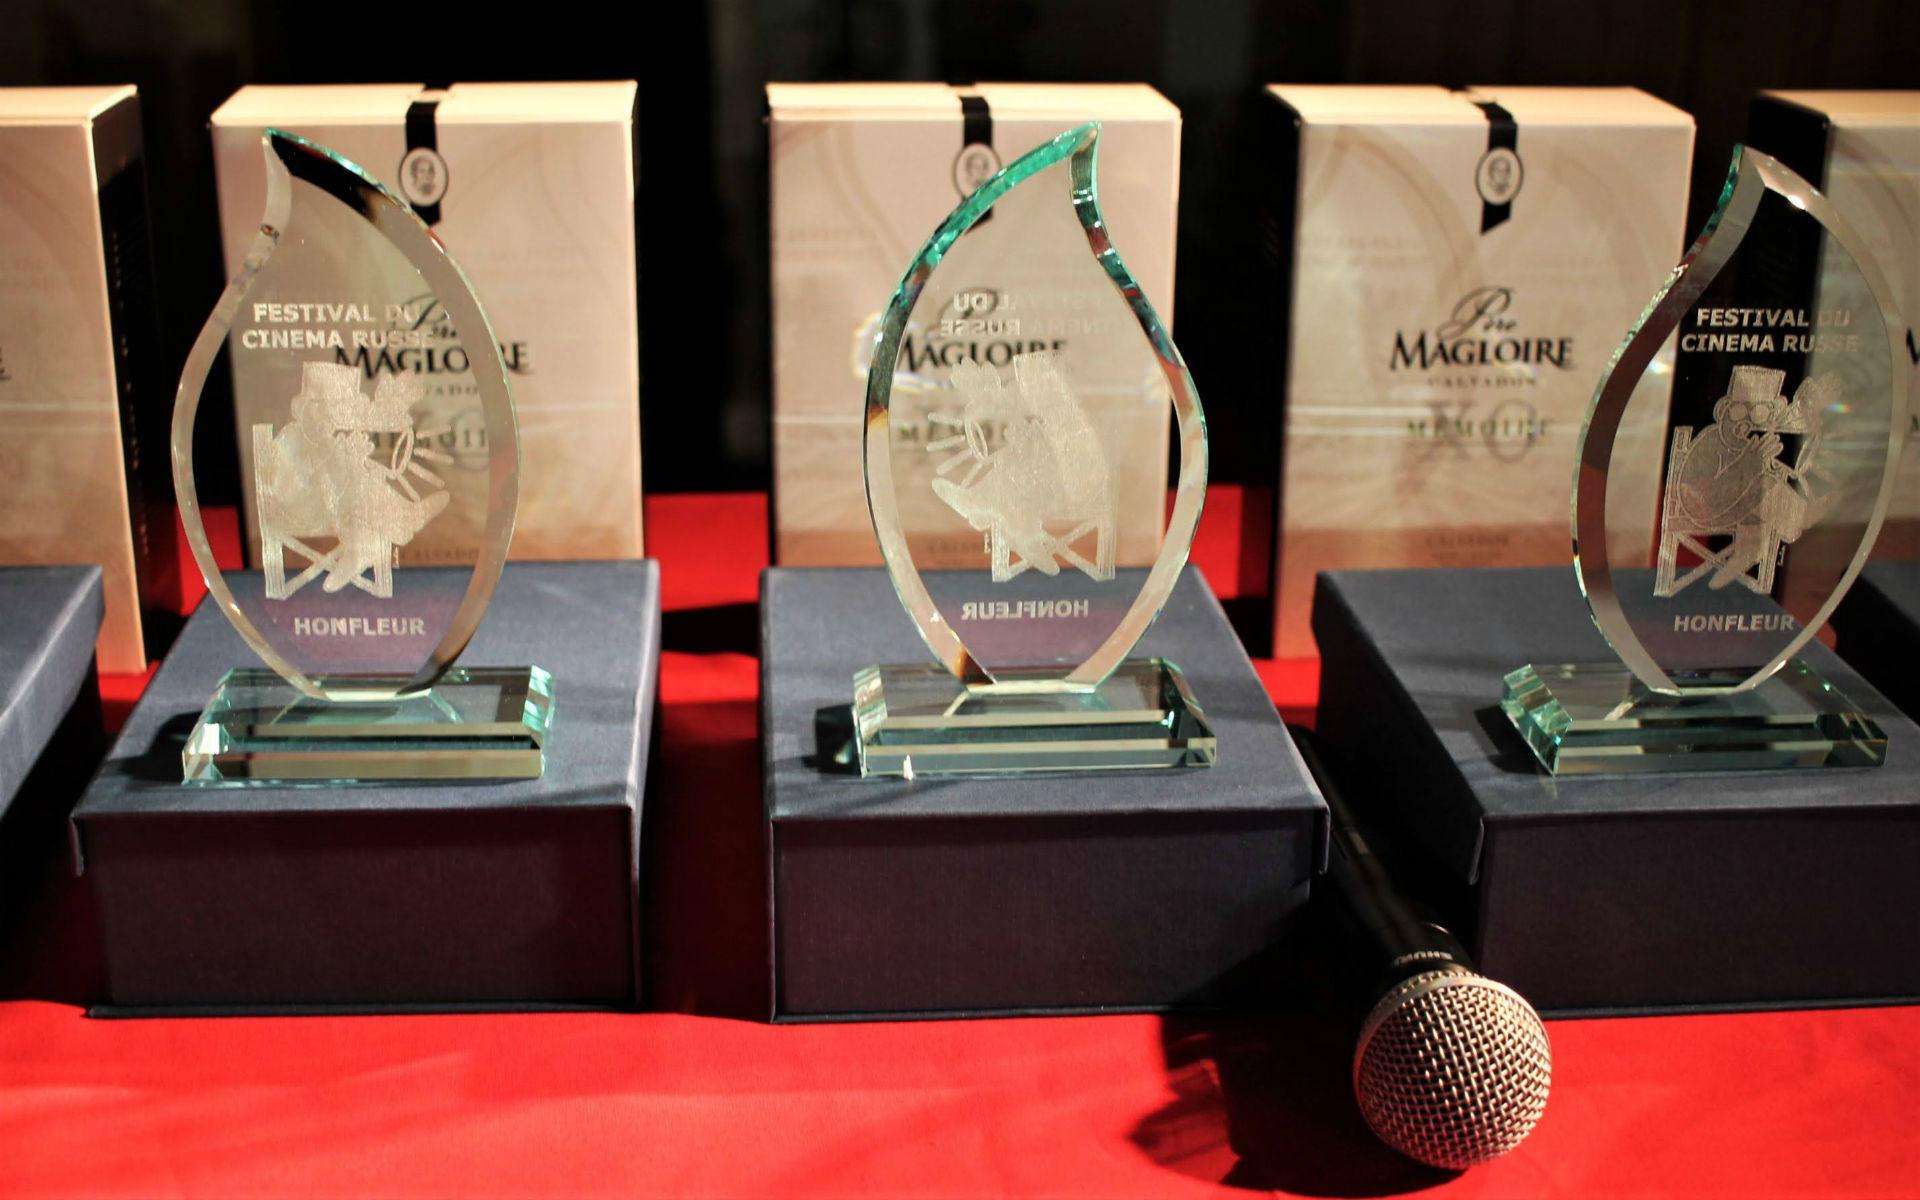 Les Prix du Festival du cinéma russe de Honfleur